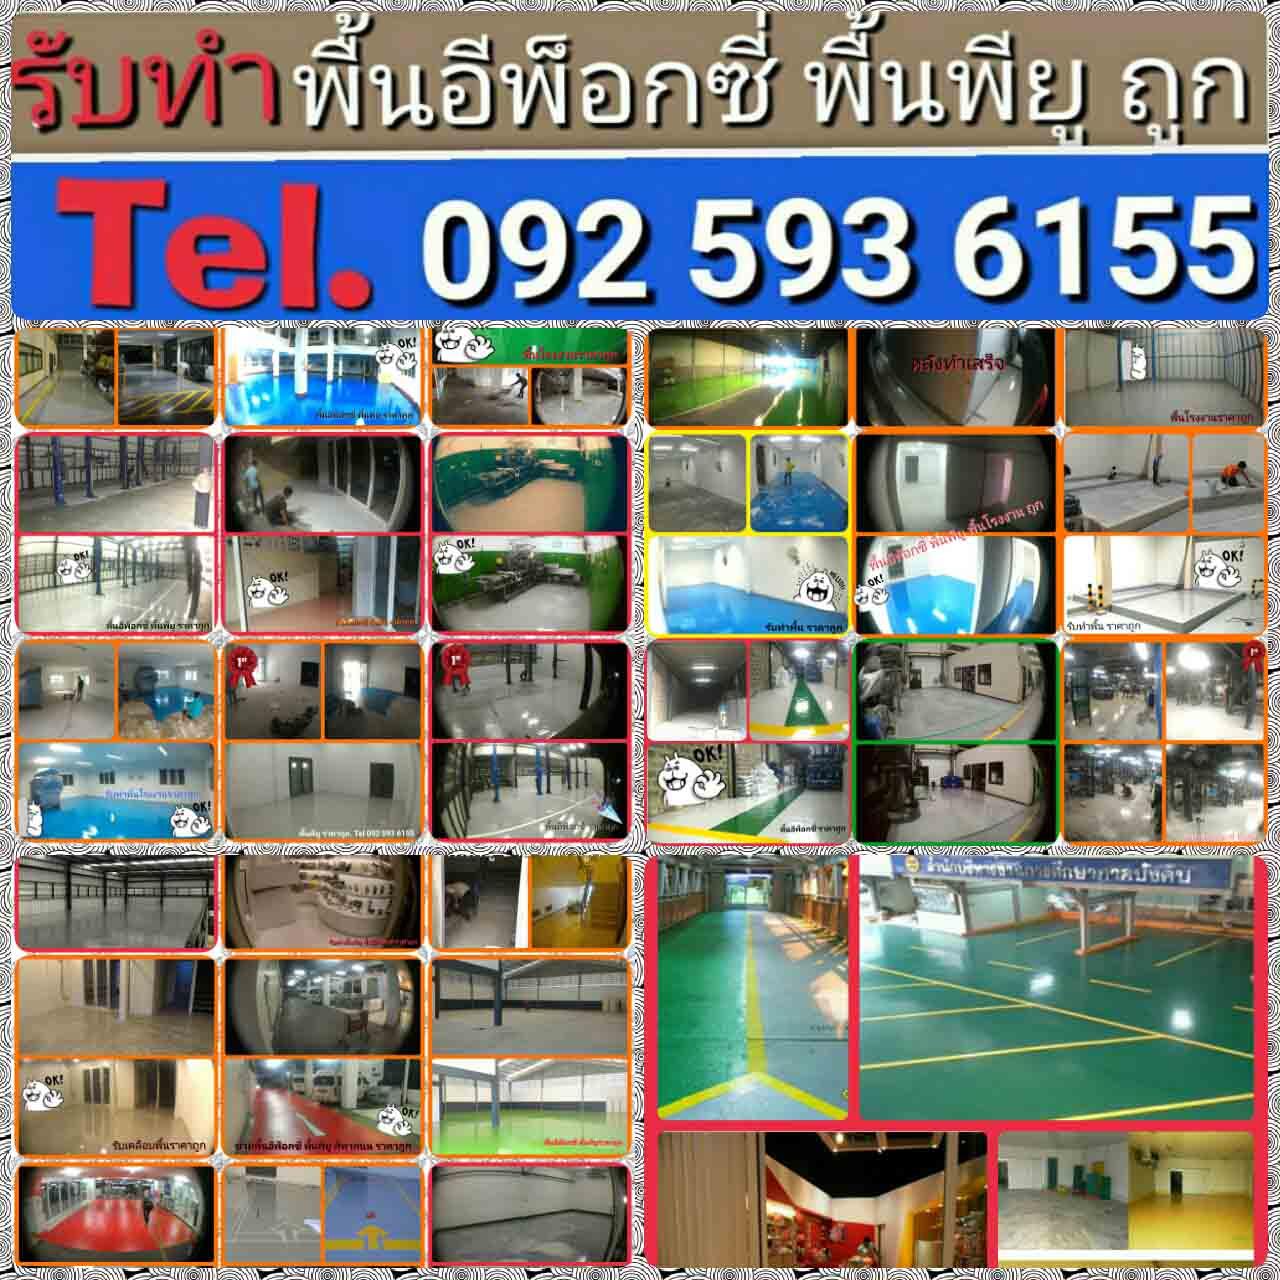 epoxy thailand-epoxy siam-พื้นอีพ็อกซี่-พื้นพียู-